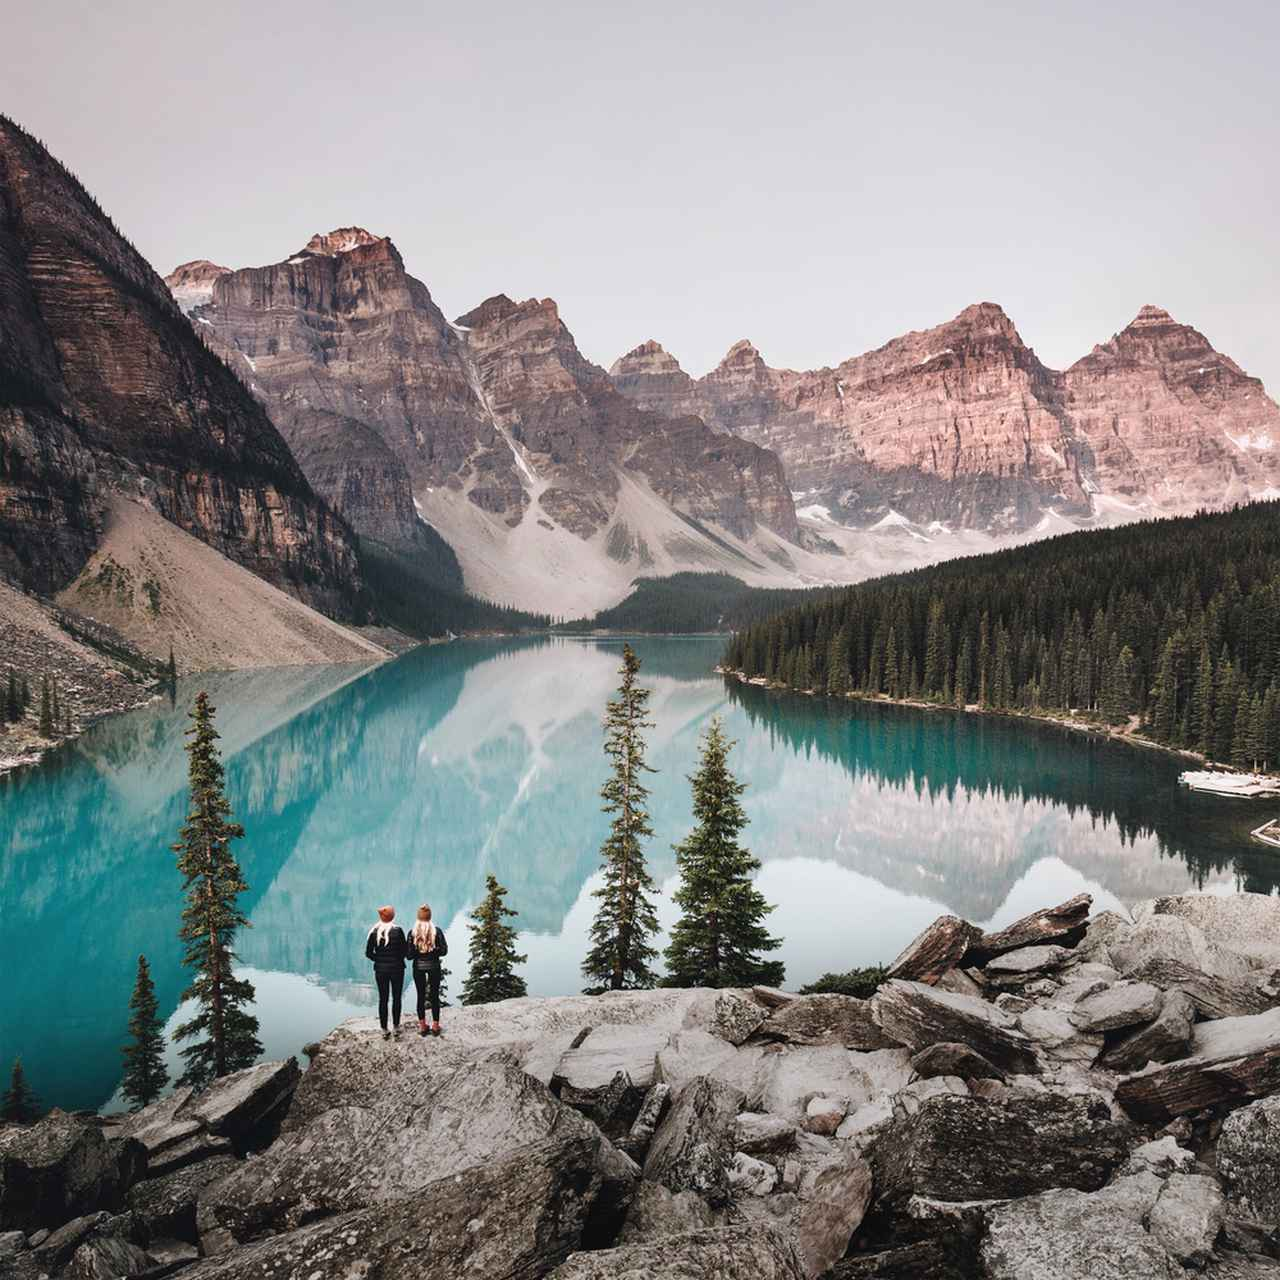 画像: 写真提供:Max Muench/カナダ観光局